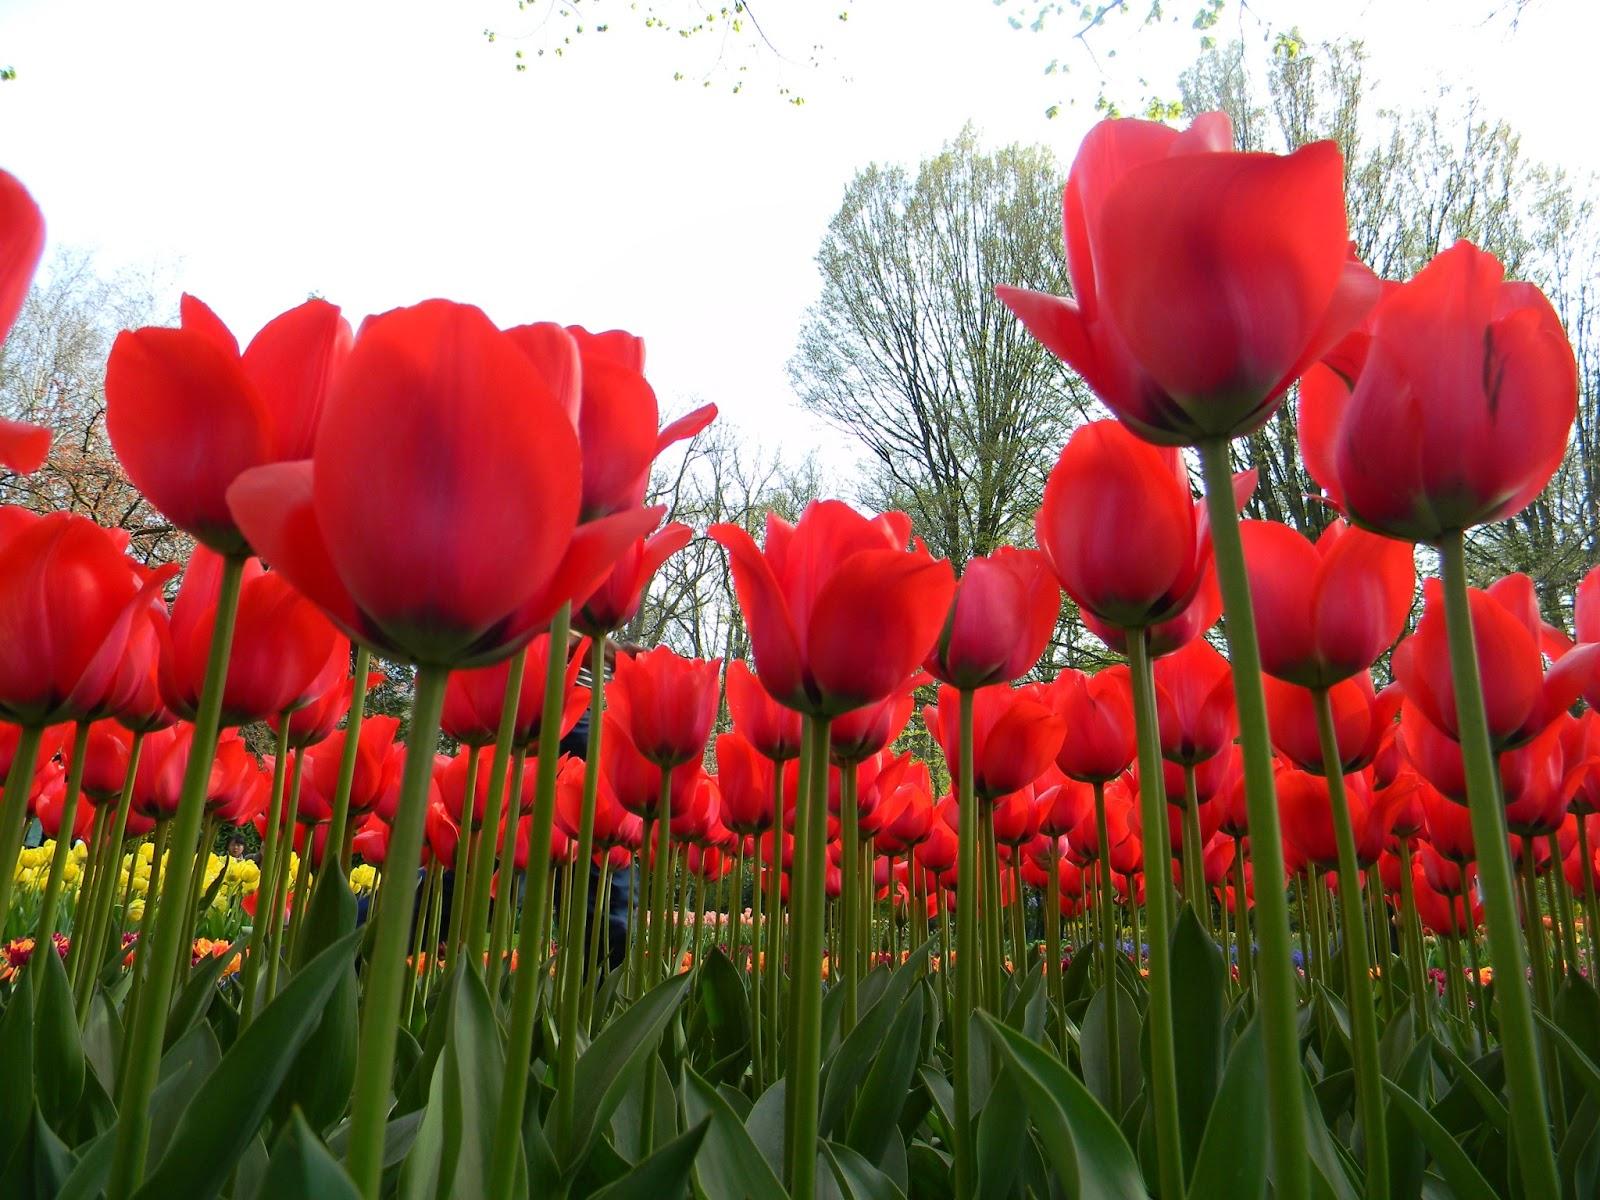 gambar gambar pensil mewarnai bunga tulip kartun di